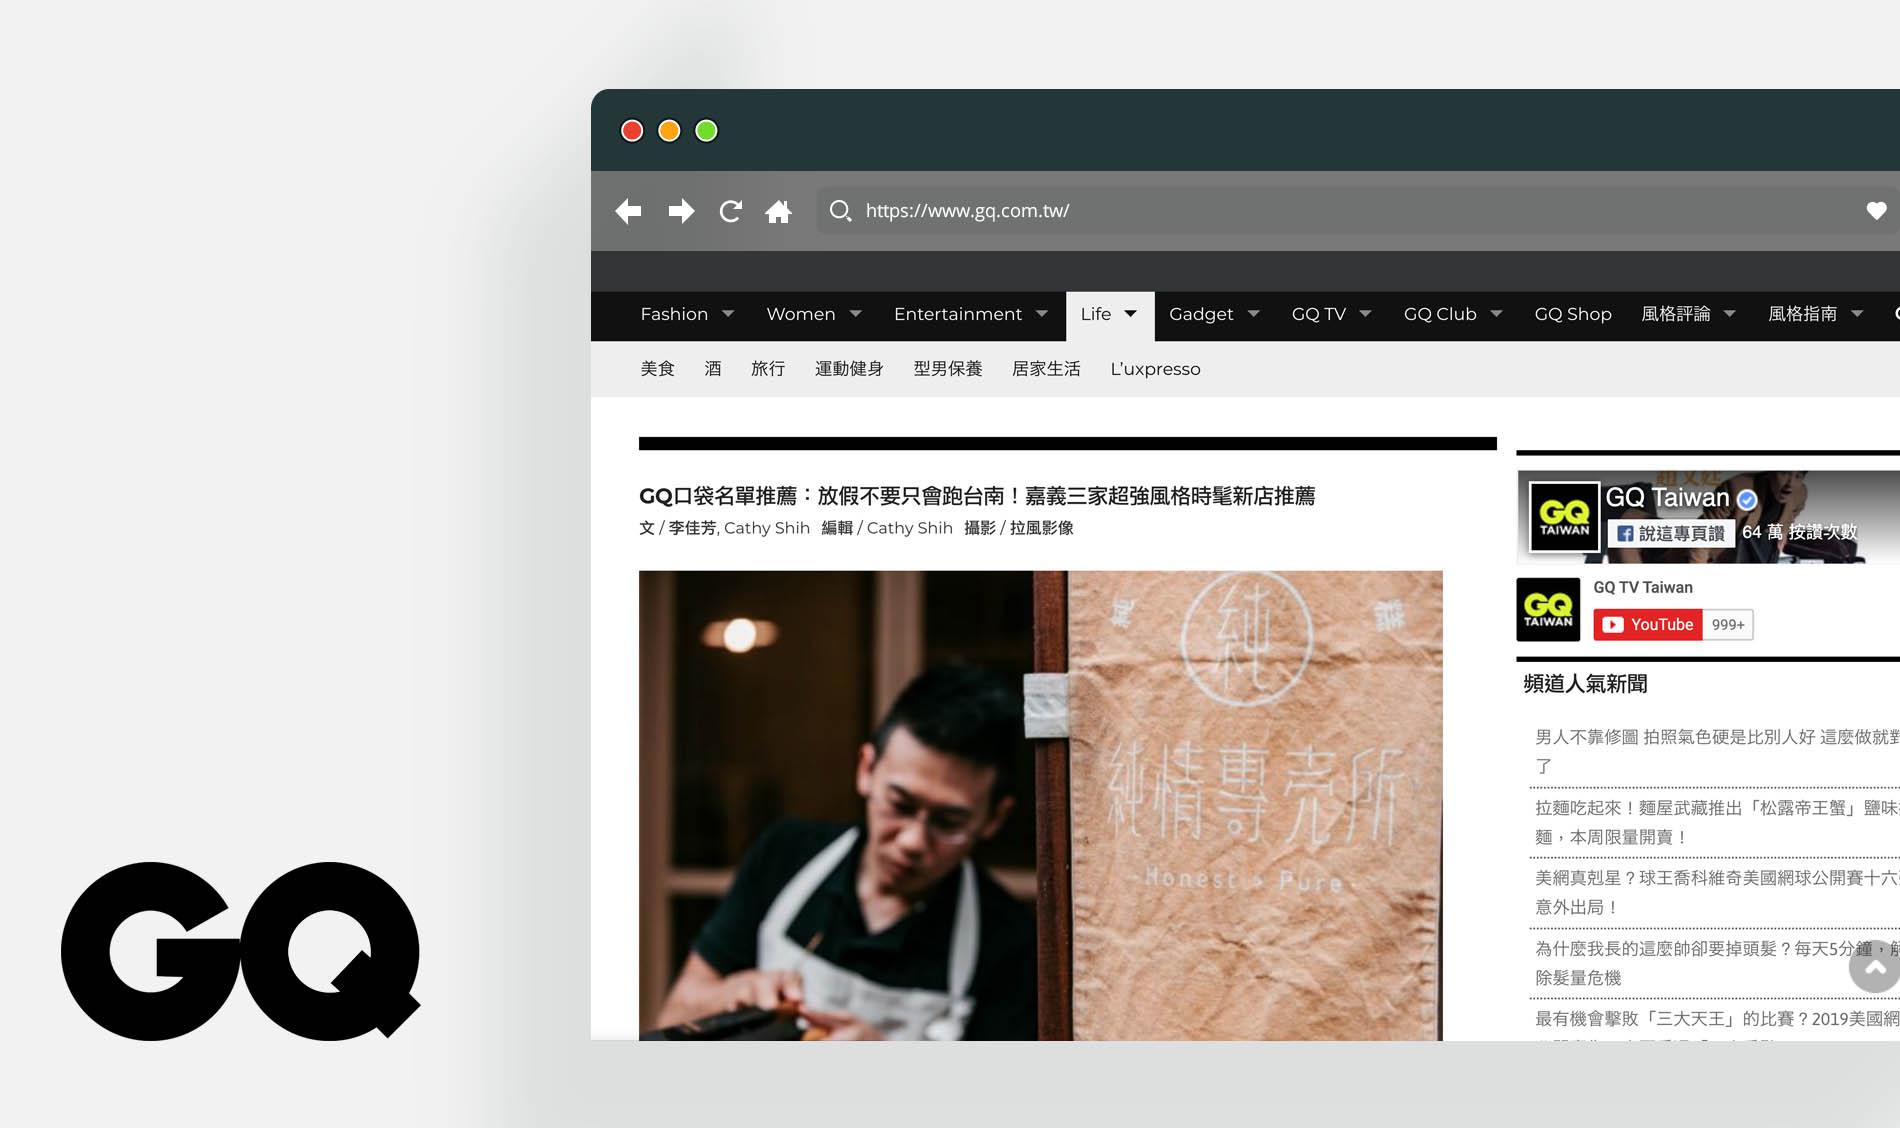 純情專売所 | 官方網站 2